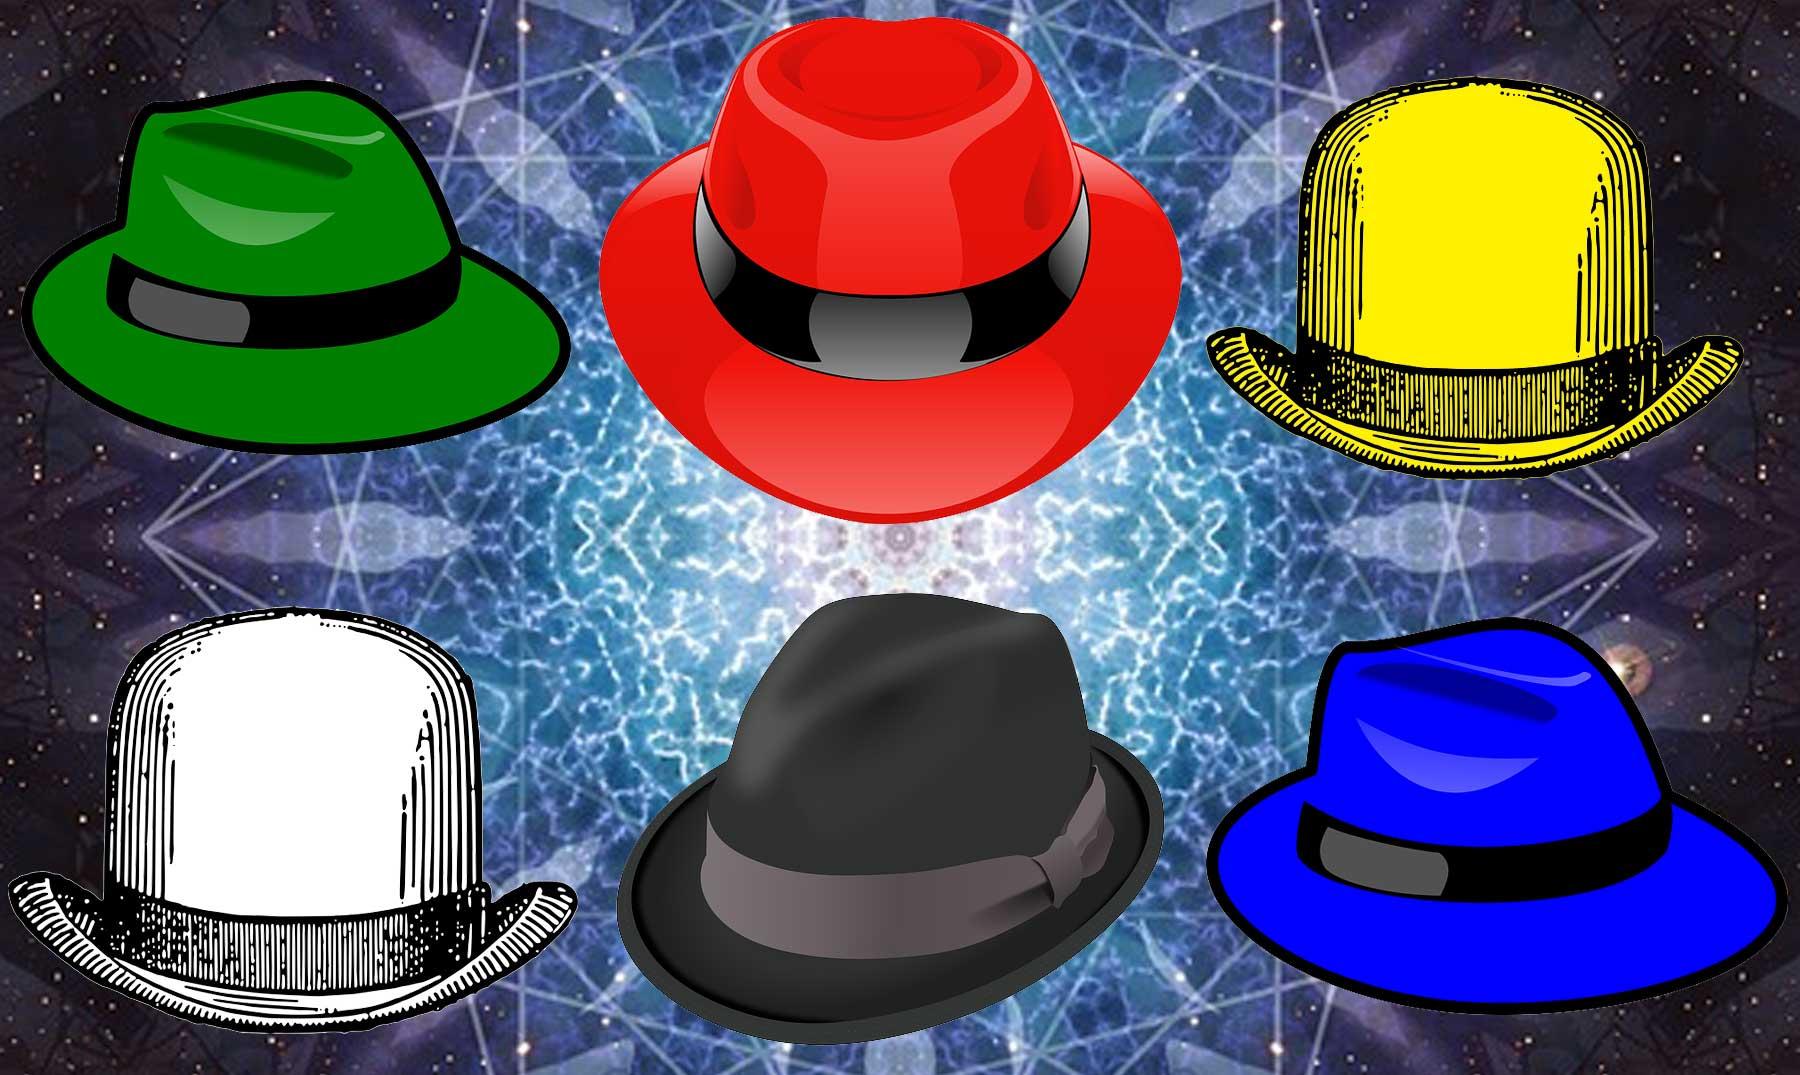 Único 6 Sombreros Para Pensar Hoja De Trabajo Colección - hojas de ...